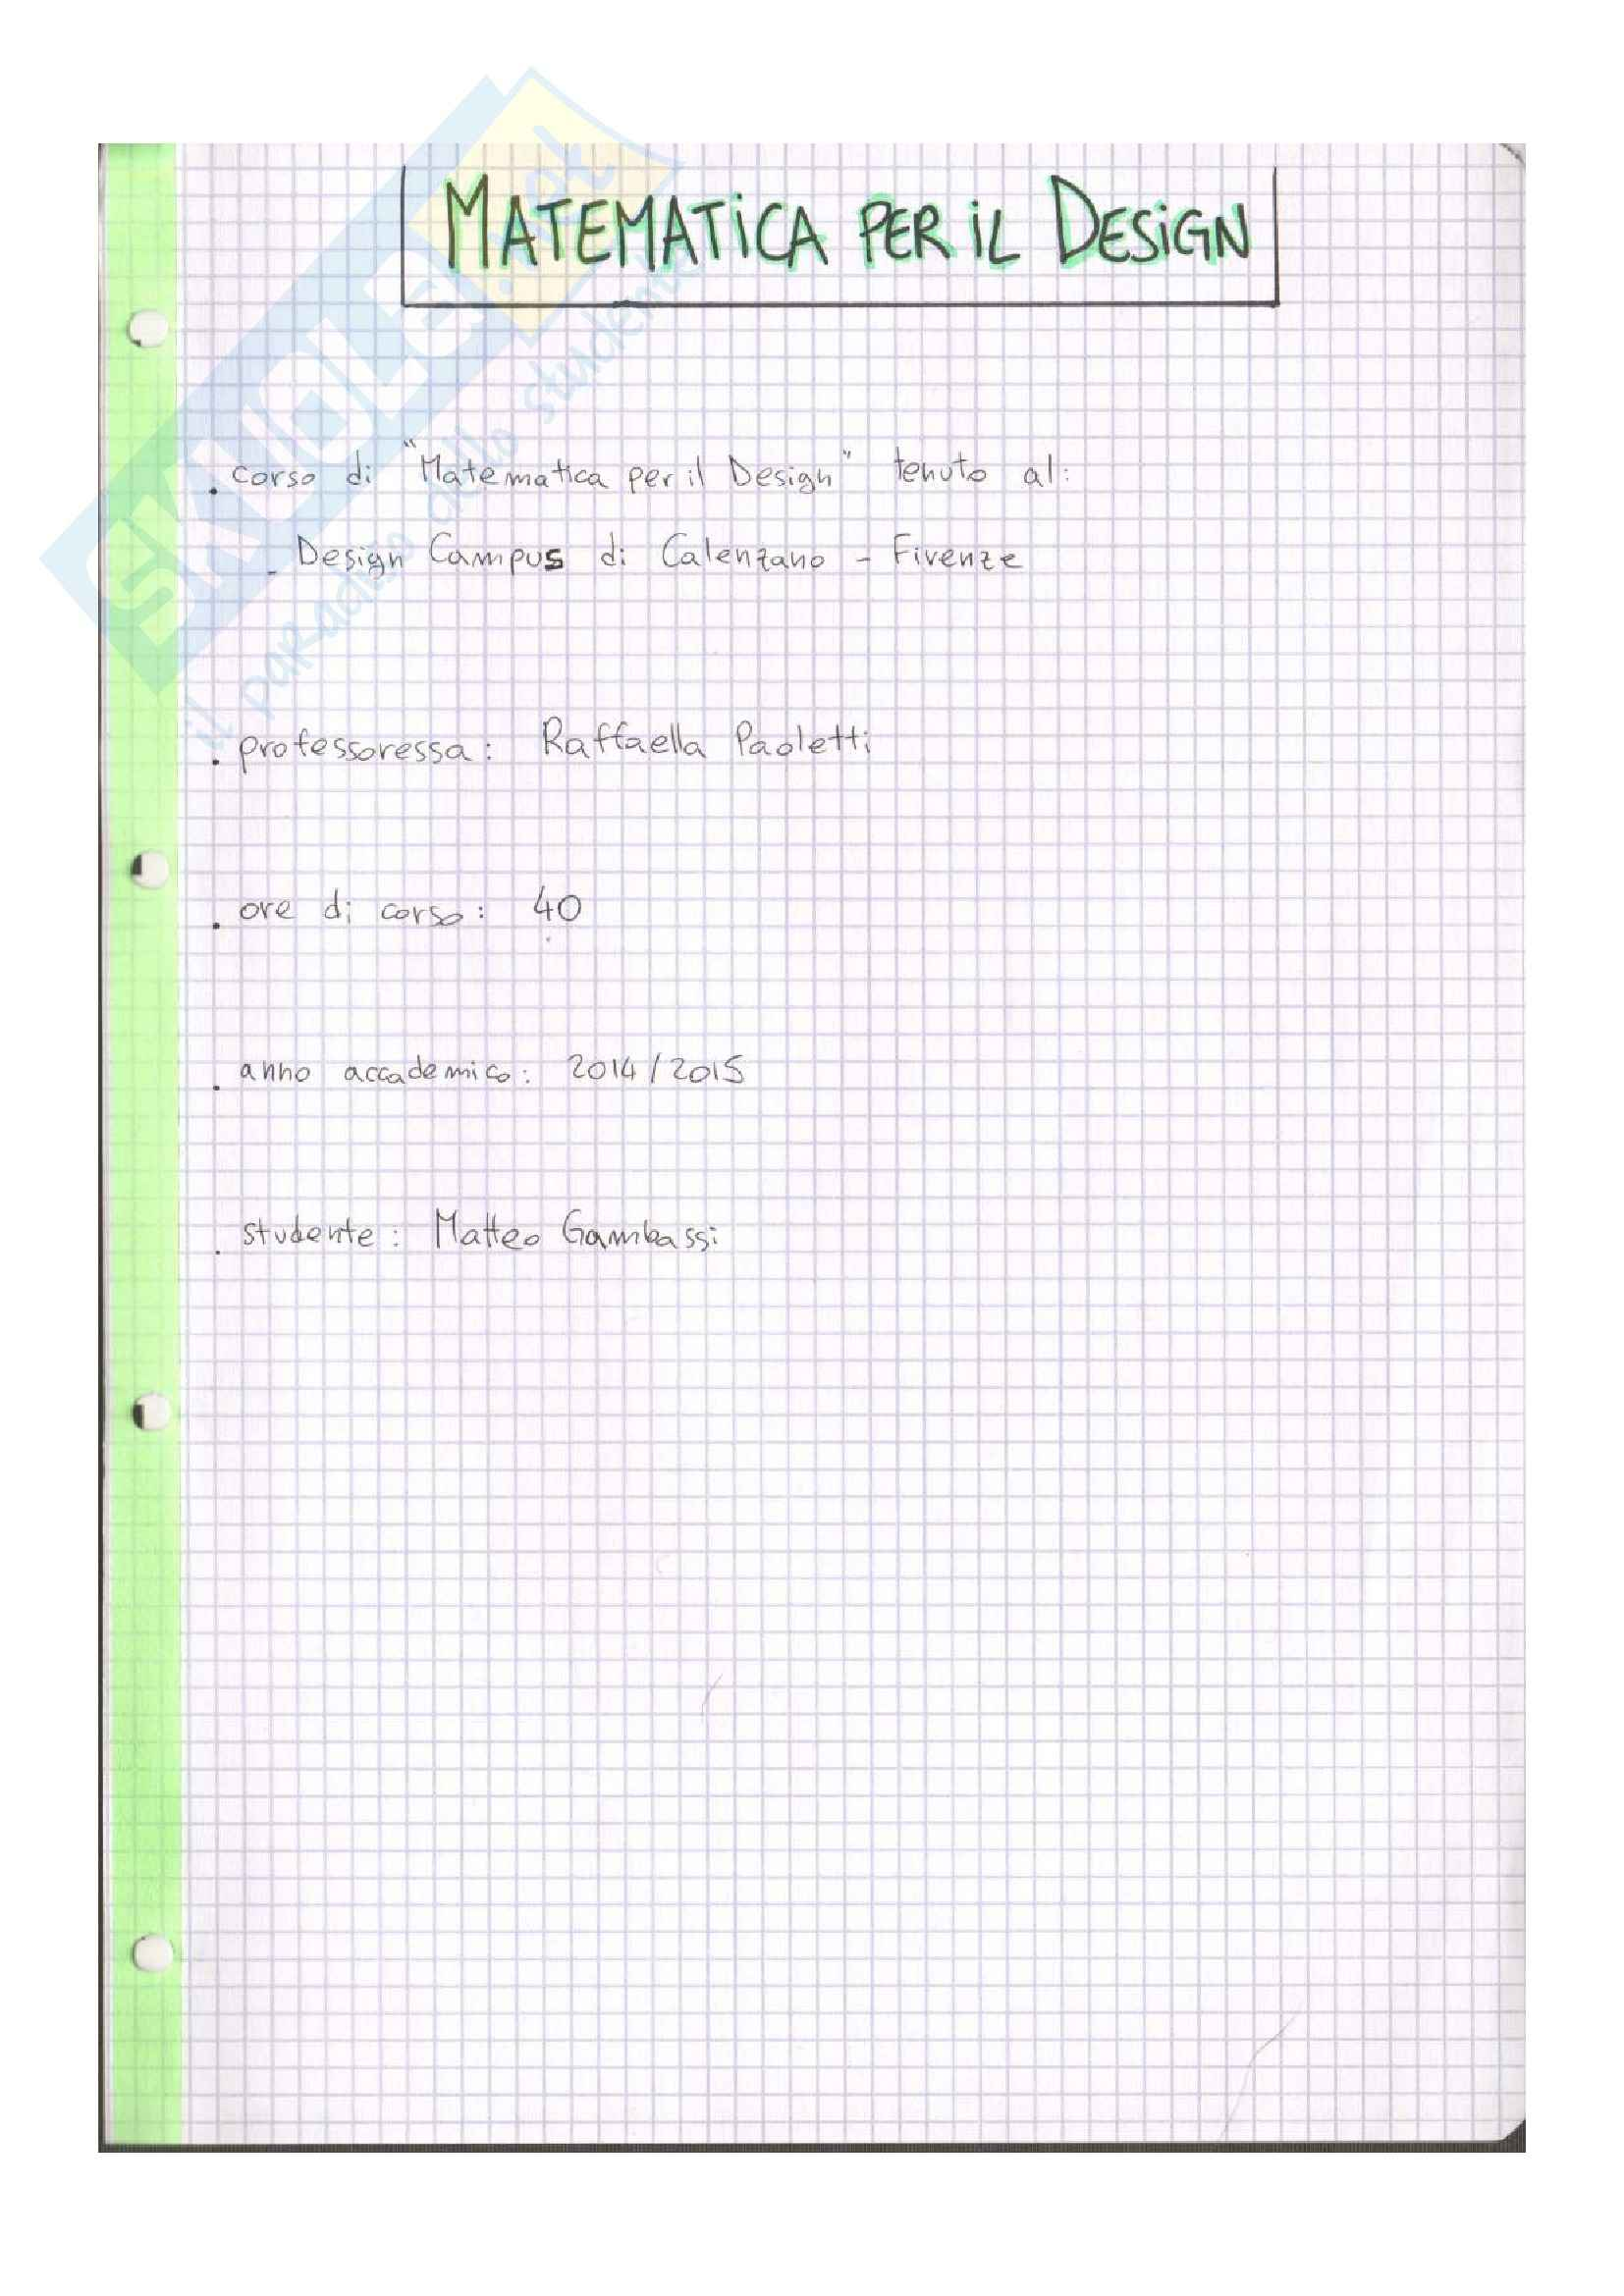 Riassunto esame Matematica per il Design, prof. Paoletti, libro consigliato Geometria Analitica e Algebra Lineare, Anichini, Conti, Paoletti